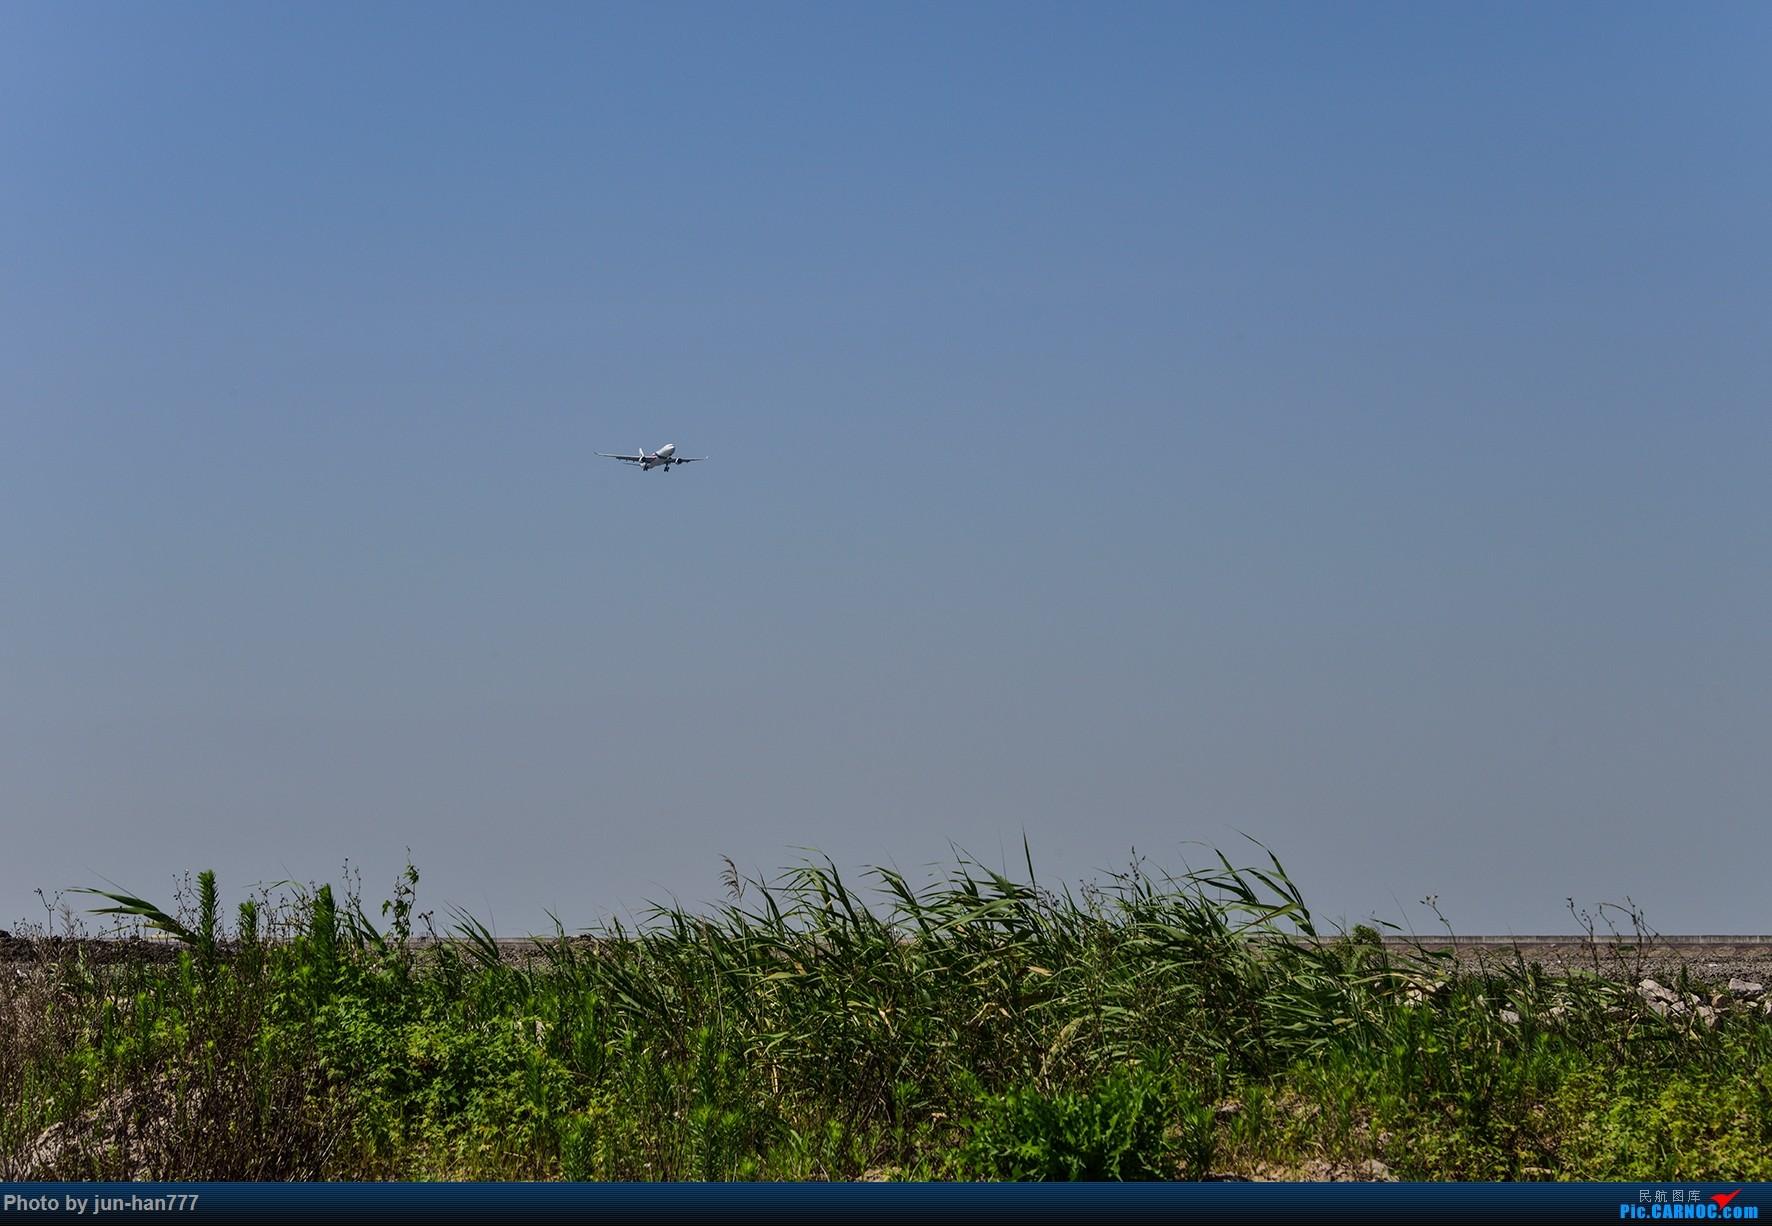 [原创]PVG 晴朗的天空,靓丽的大鸟 AIRBUS A330